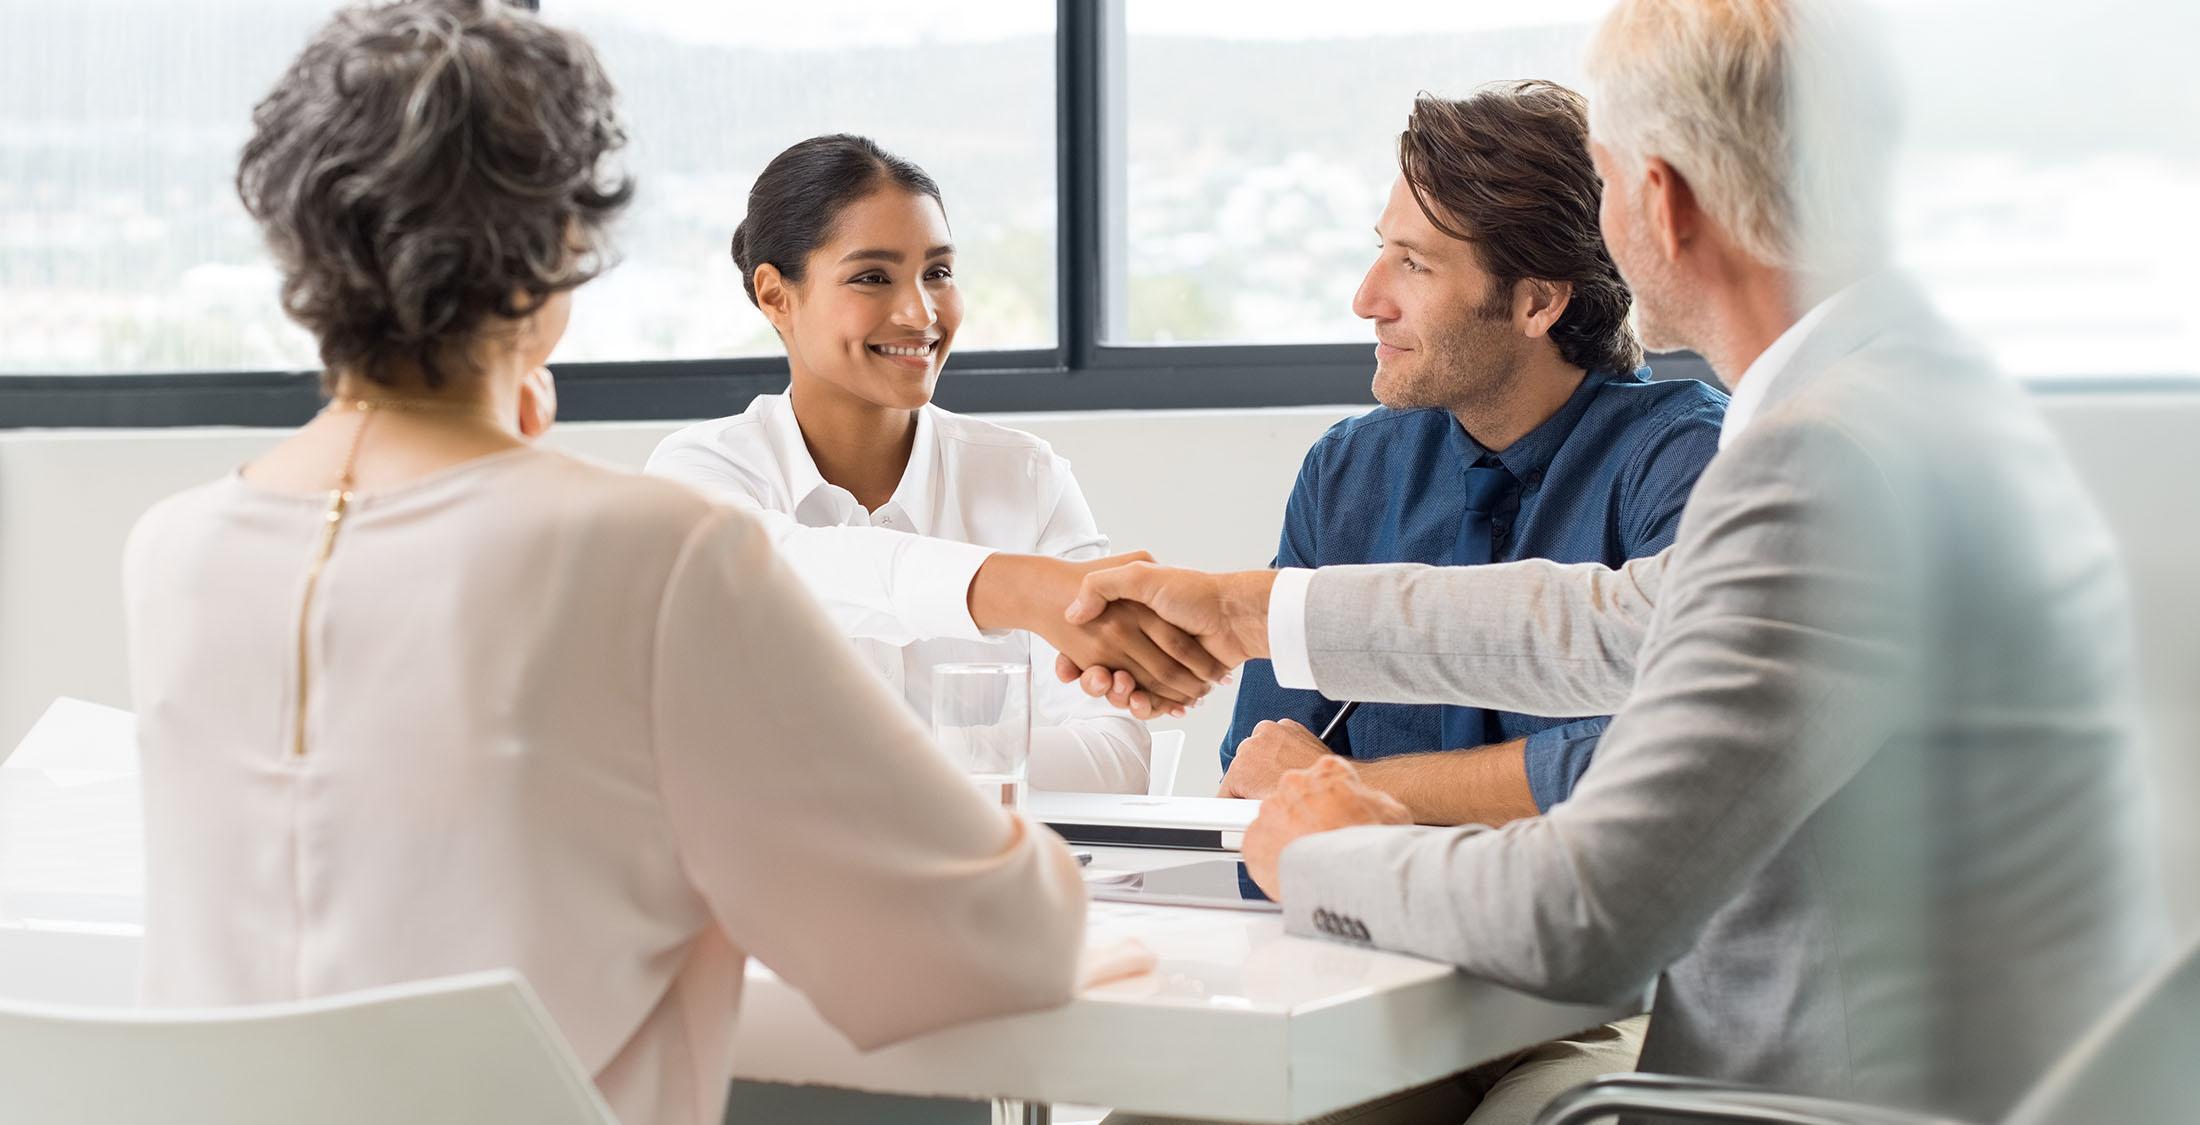 businesswoman shaking businessman's hand